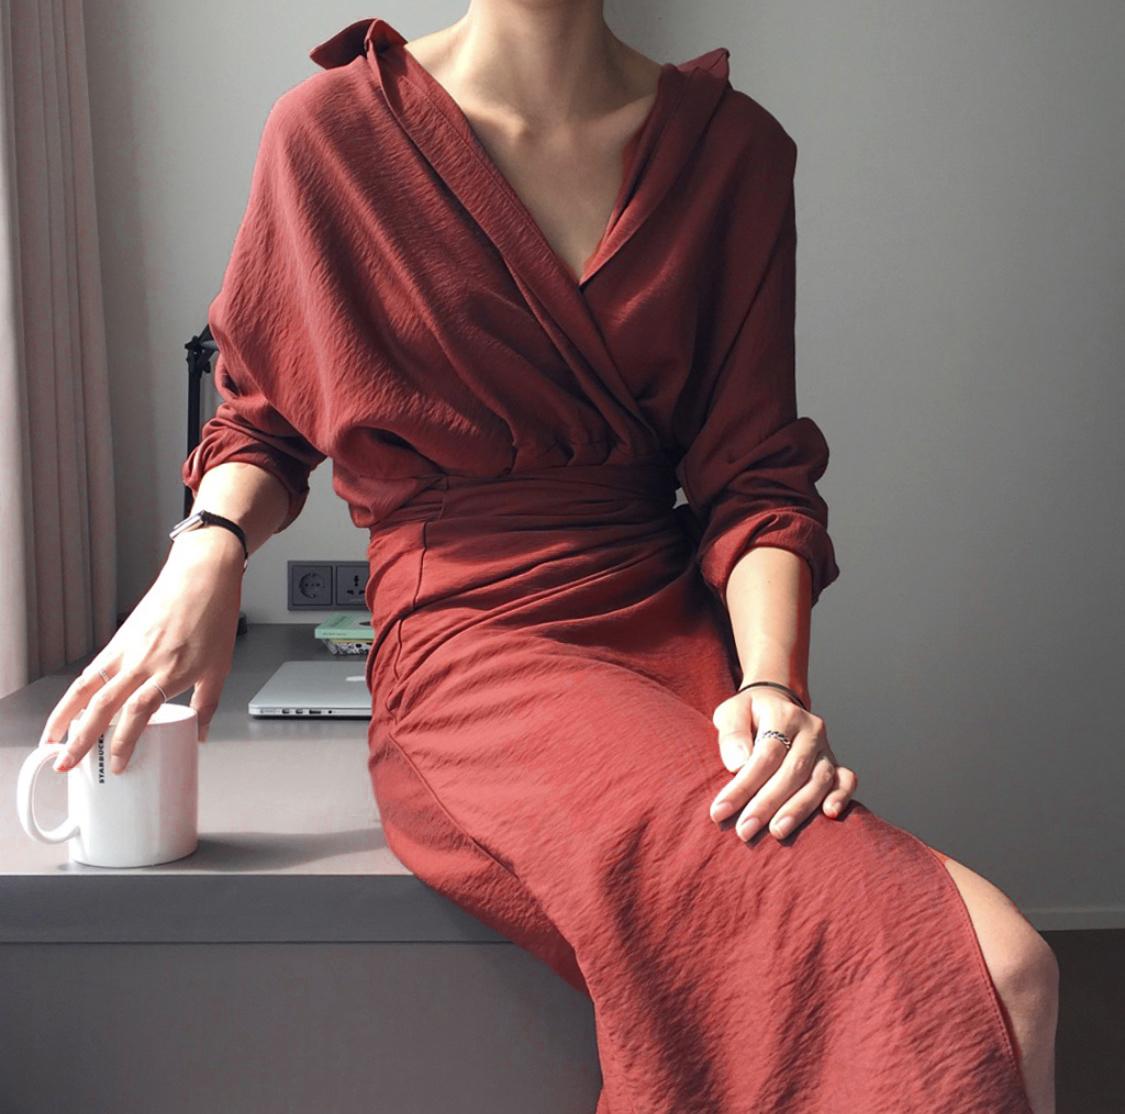 热销75件不包邮法式小众设计19新款秋显瘦慵懒风绑带围裹式棉麻衬衫v领连衣裙女